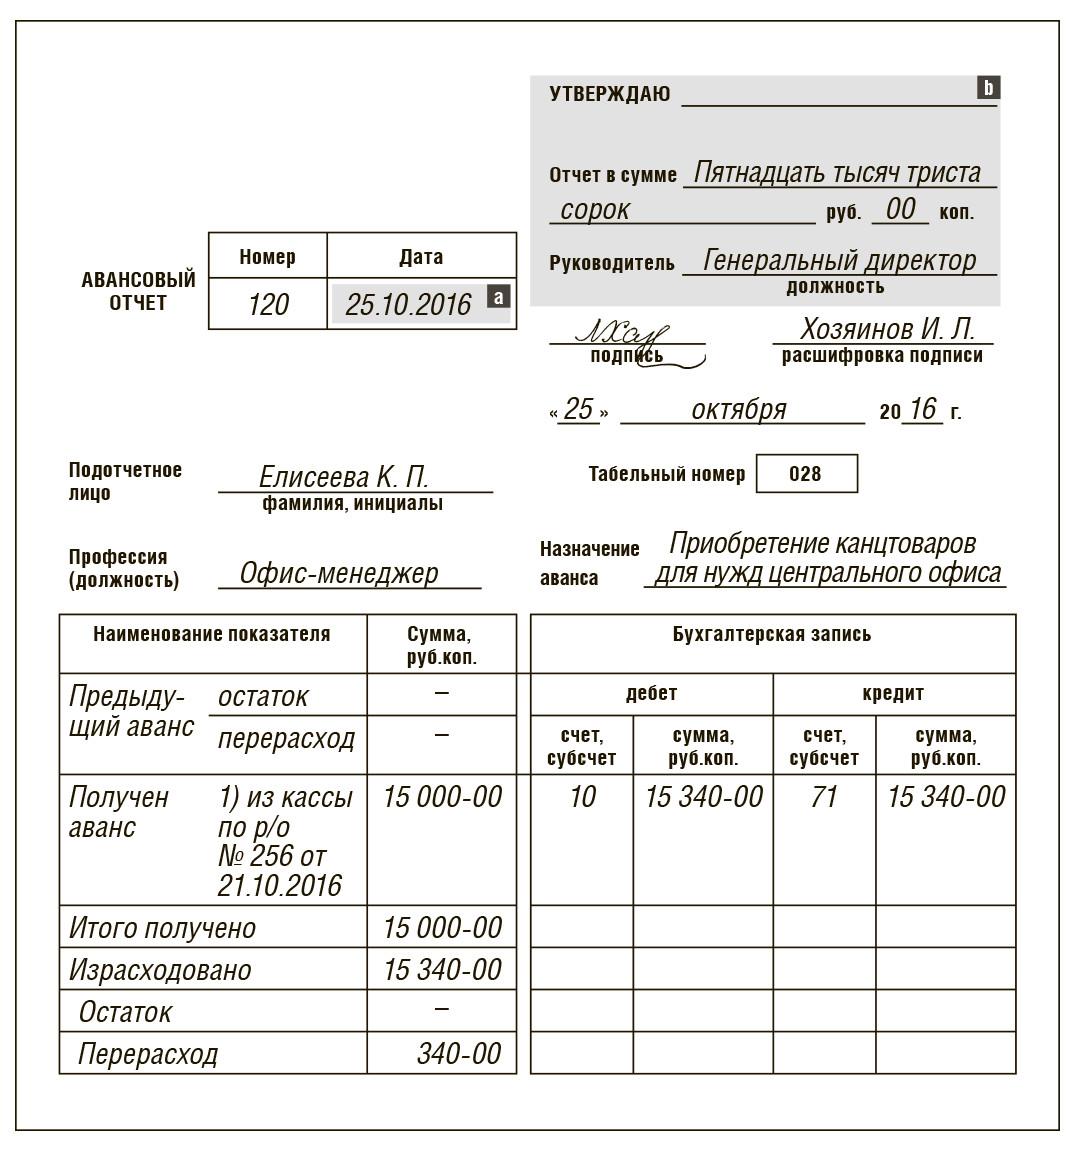 Если нет никаких проездных документов, а также бумаг, подтверждающих факт проживания в месте командировки, работником предоставляется служебная записка о фактическом сроке пребывания в командировке, подтвержденная записью принимающей стороны.